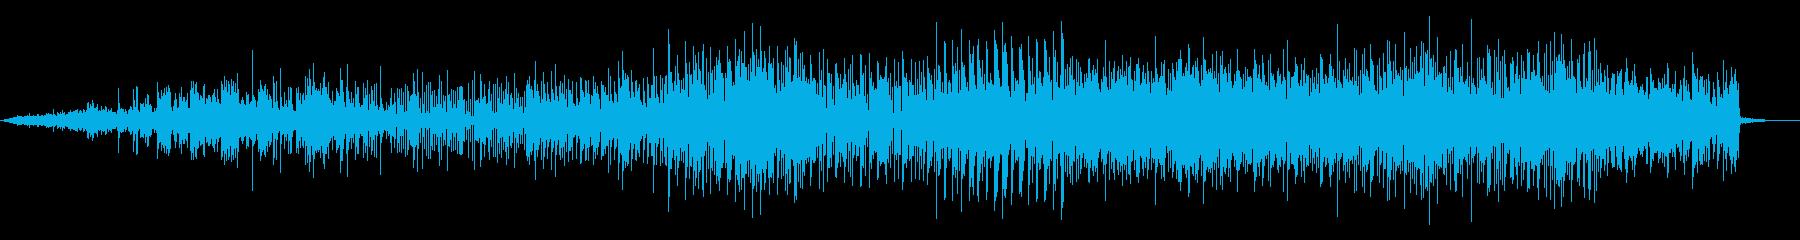 デジタルでシンプルなシネマシンセビートの再生済みの波形